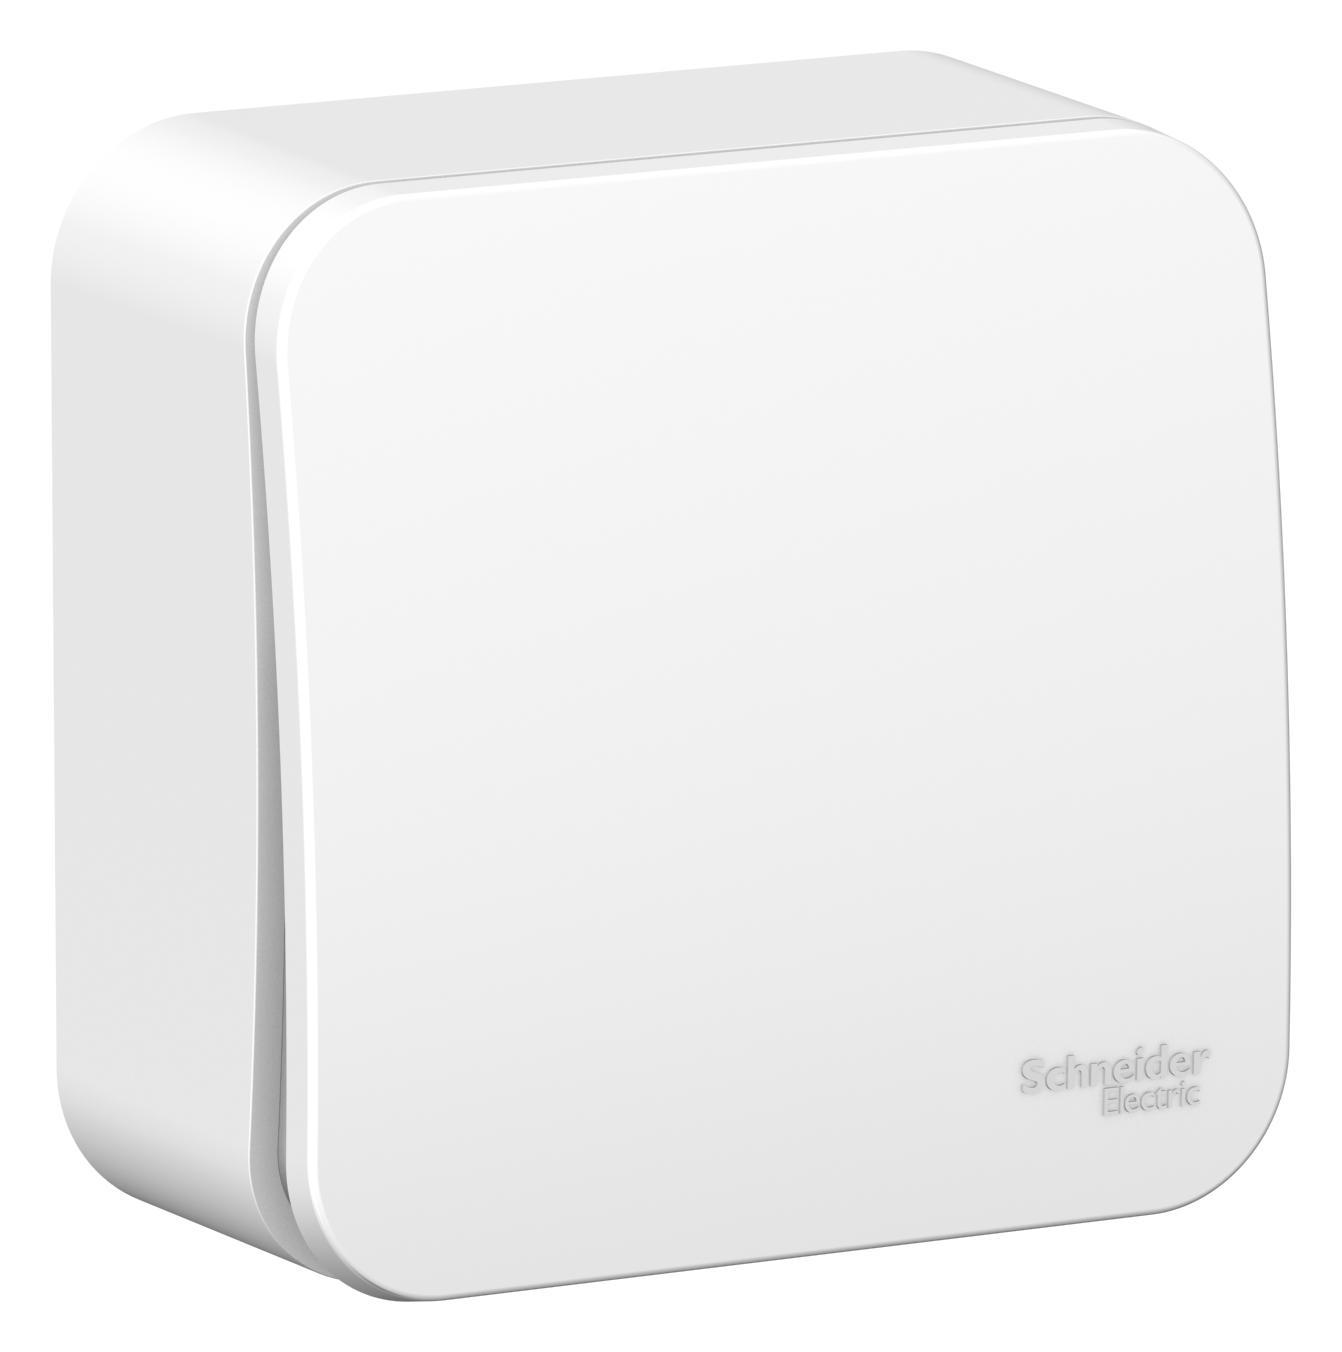 Переключатель Schneider electric Blnva106011 blanca панель лицевая schneider electric actassi 1 модуль белый 24 шт vdi88240